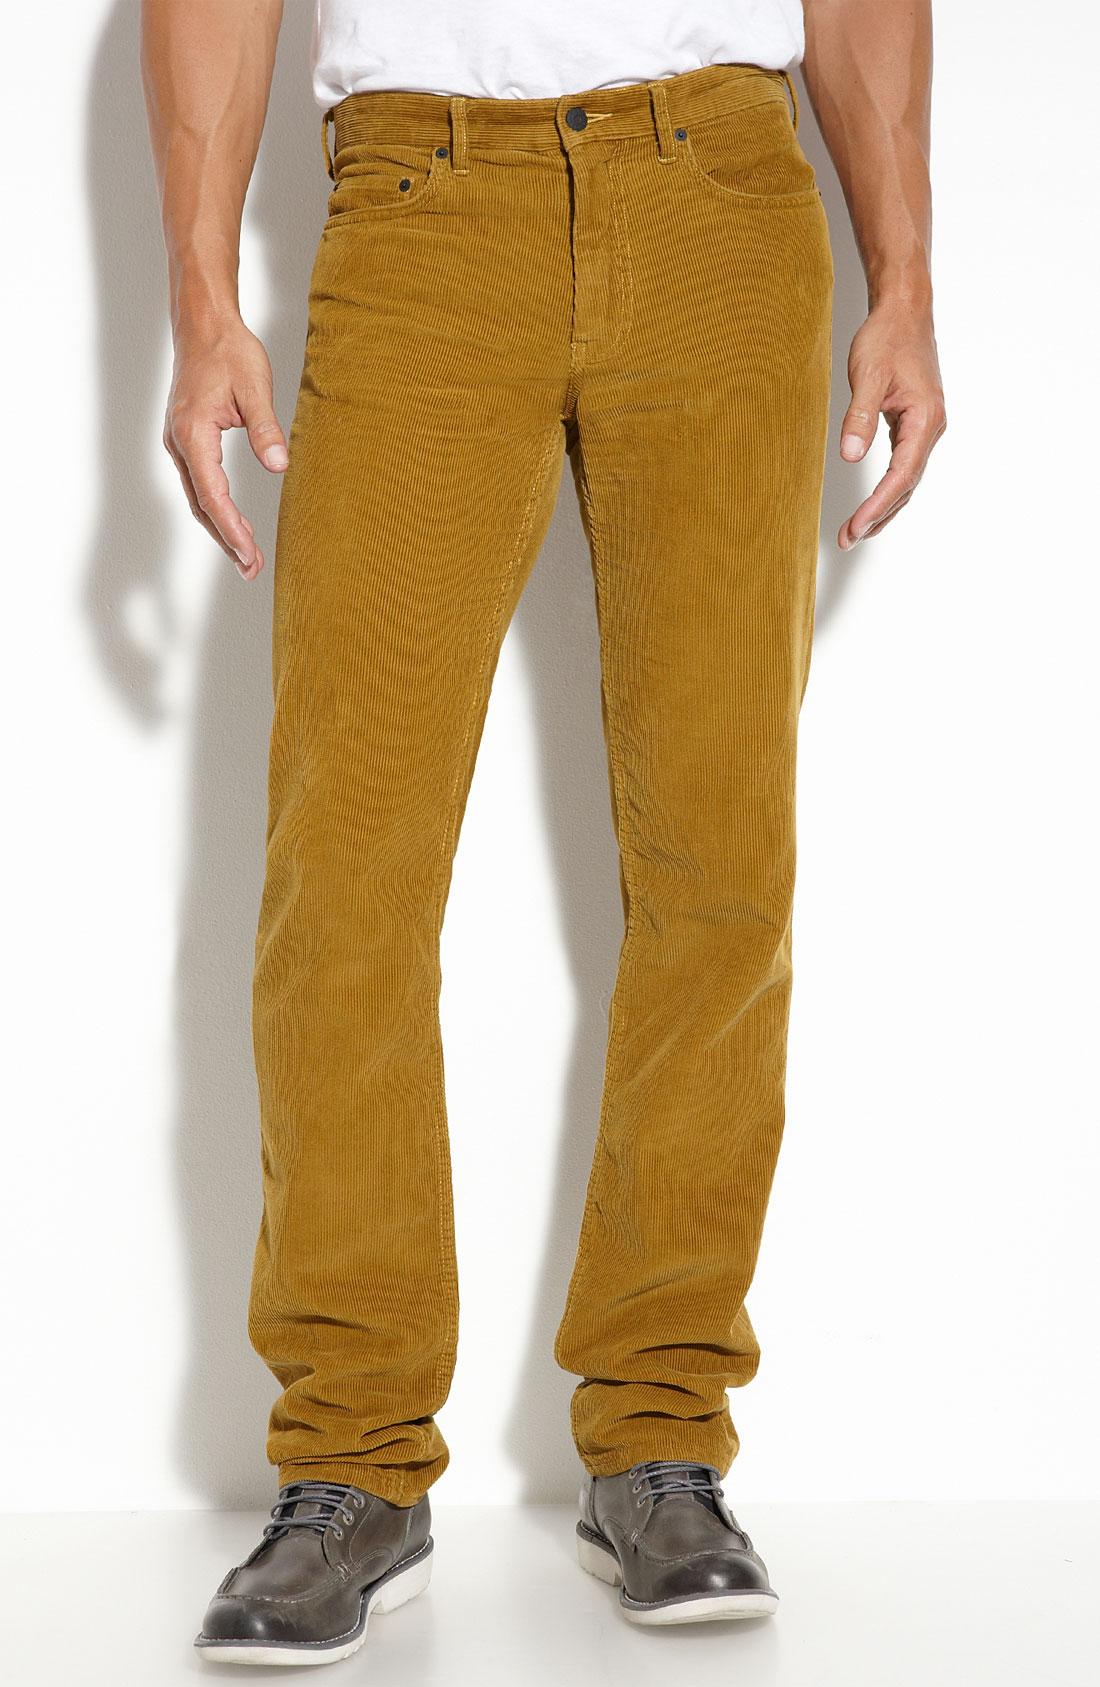 gold corduroy pants - Pi Pants